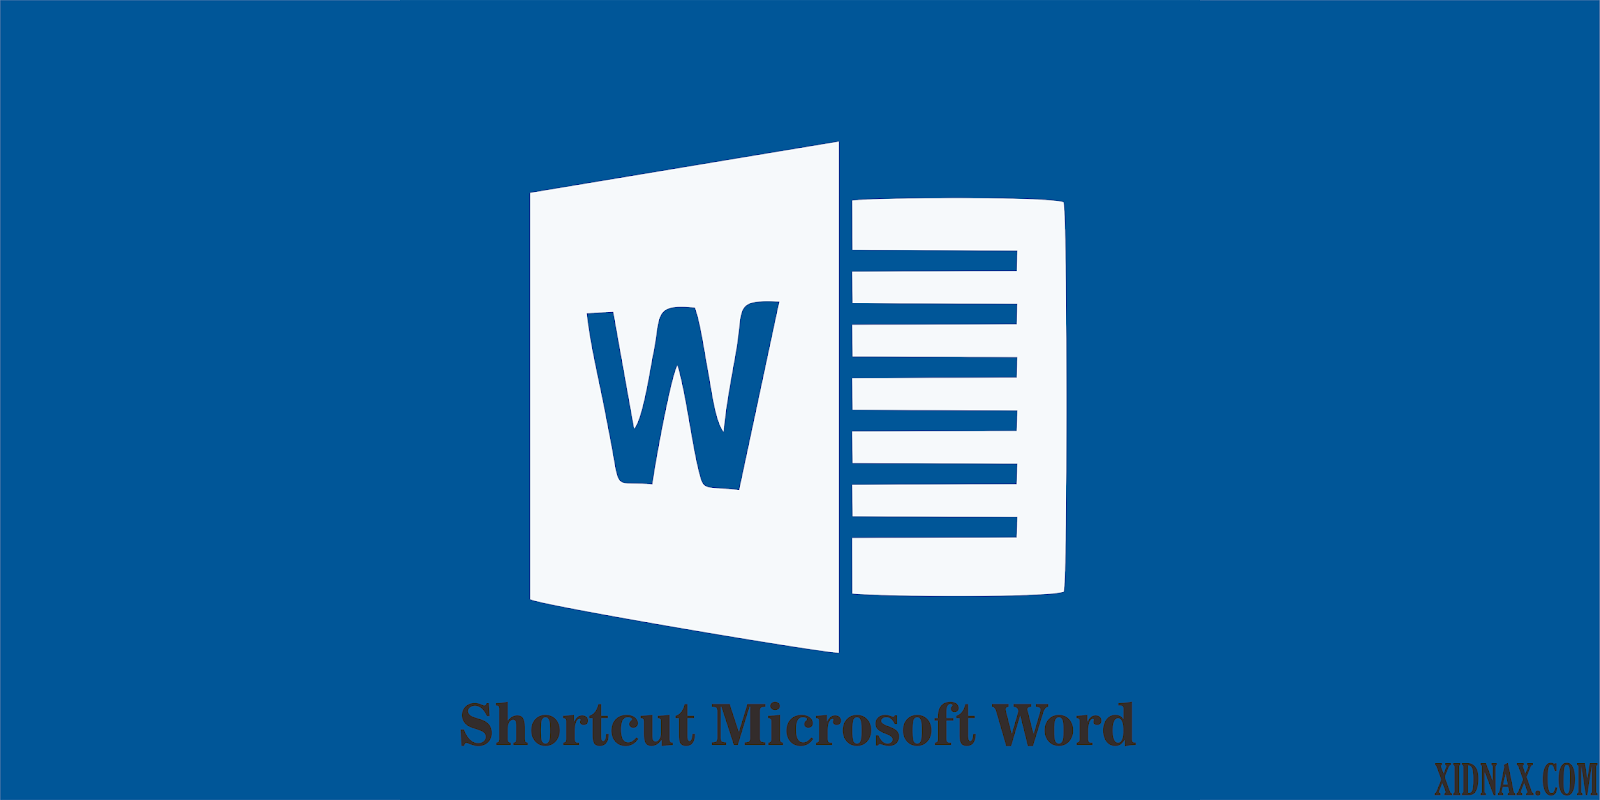 18 Kombinasi Tombol Pada Microsoft Word Paling Sering Digunakan